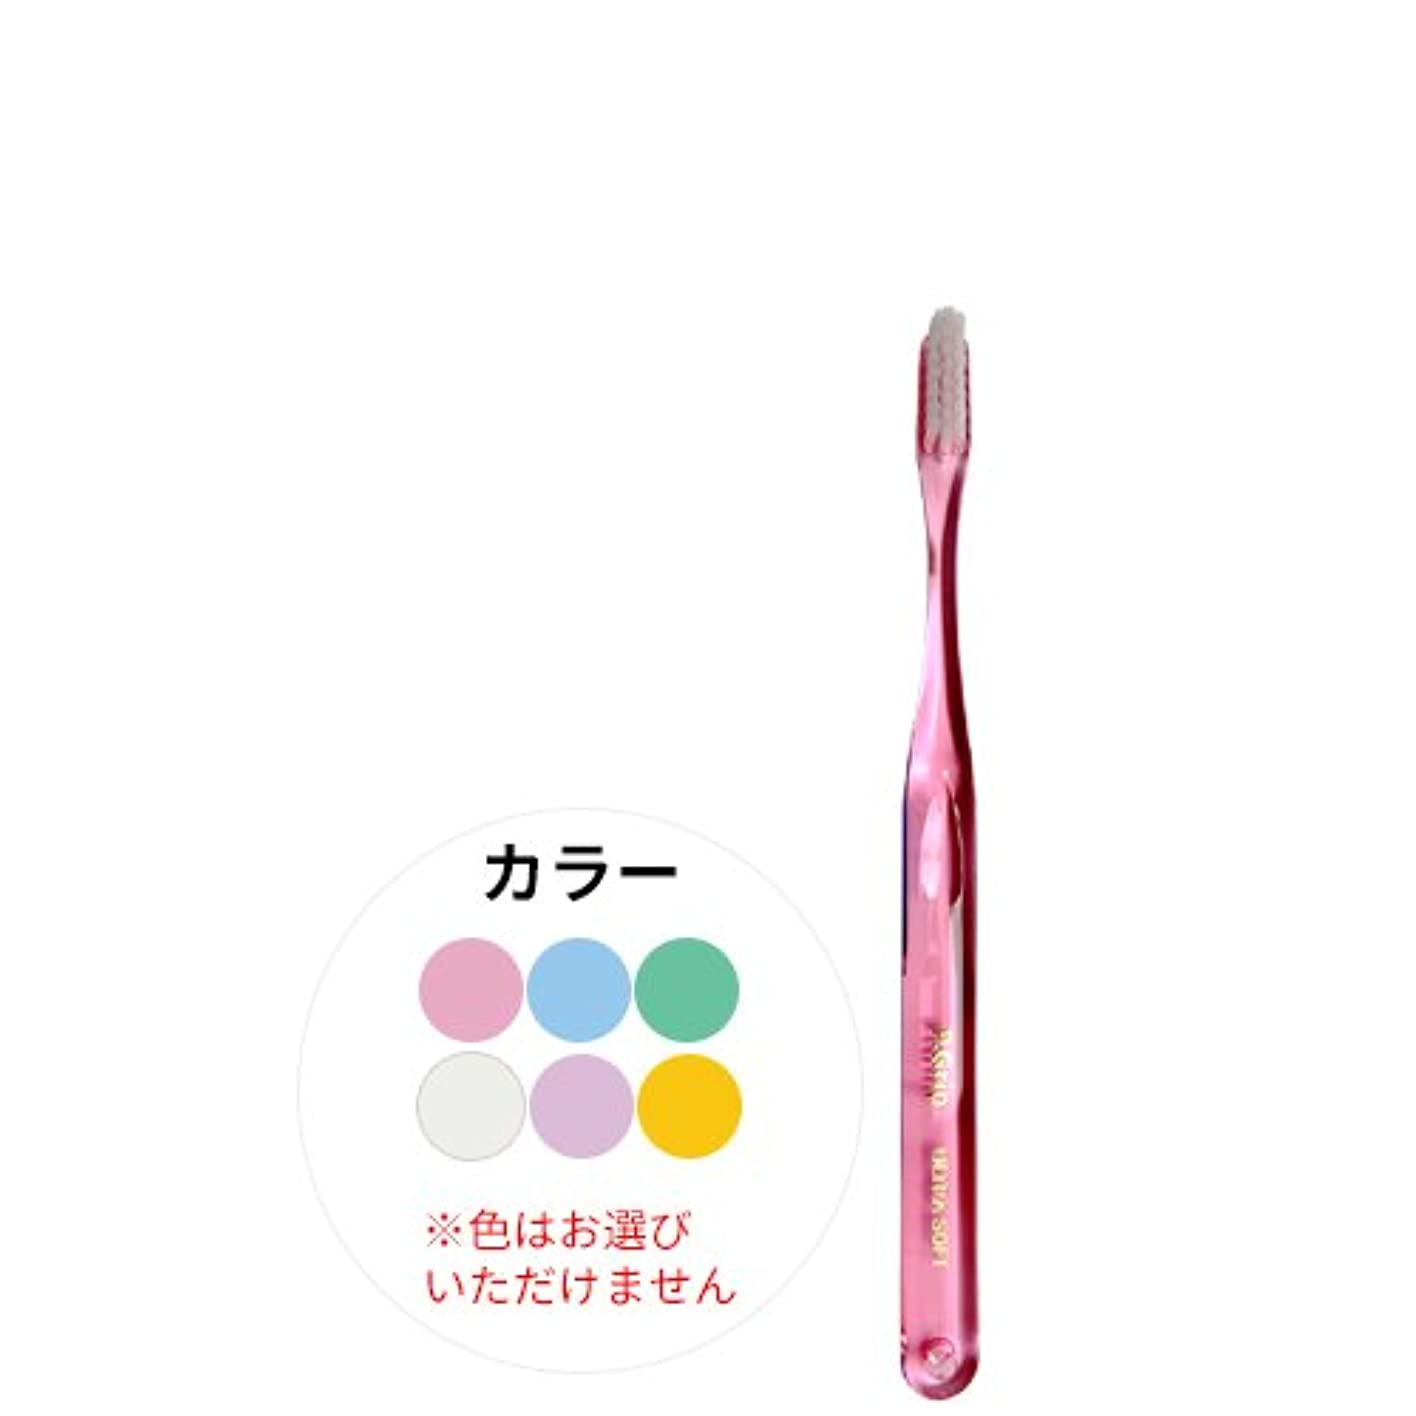 根拠セメント分配しますP.D.R.(ピーディーアール) P.Grip(ピーグリップ)ウルトラソフト 歯ブラシ × 1本